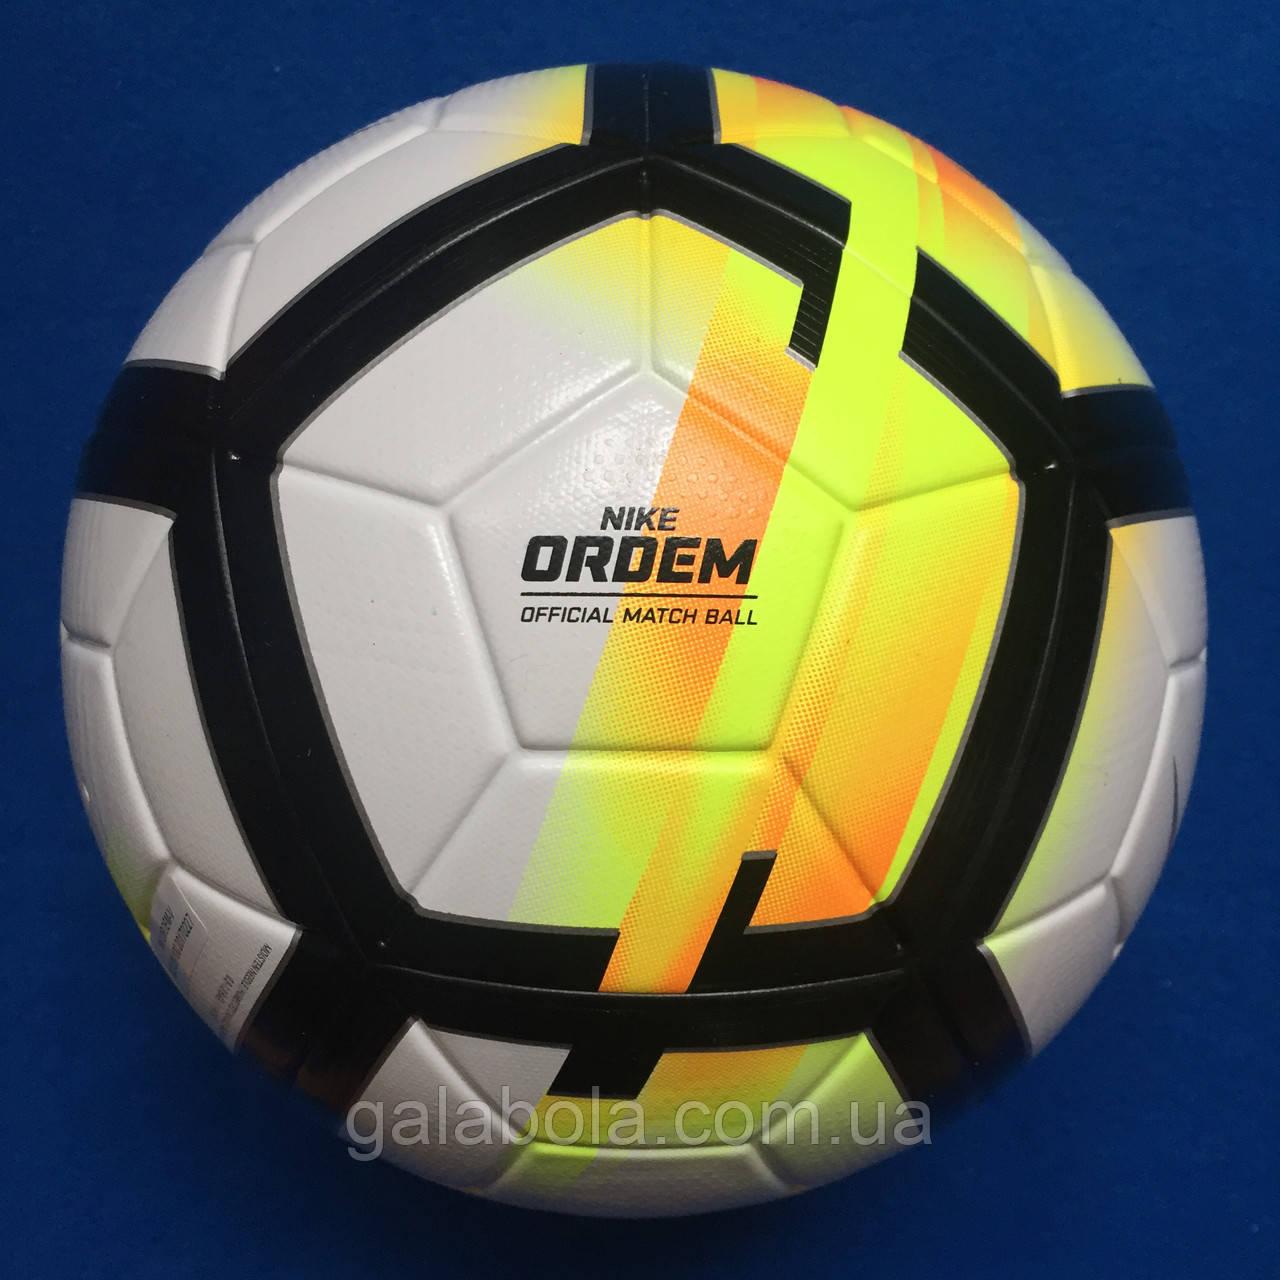 Мяч футбольный NIKE ORDEM V SC3128-100 (размер 5)